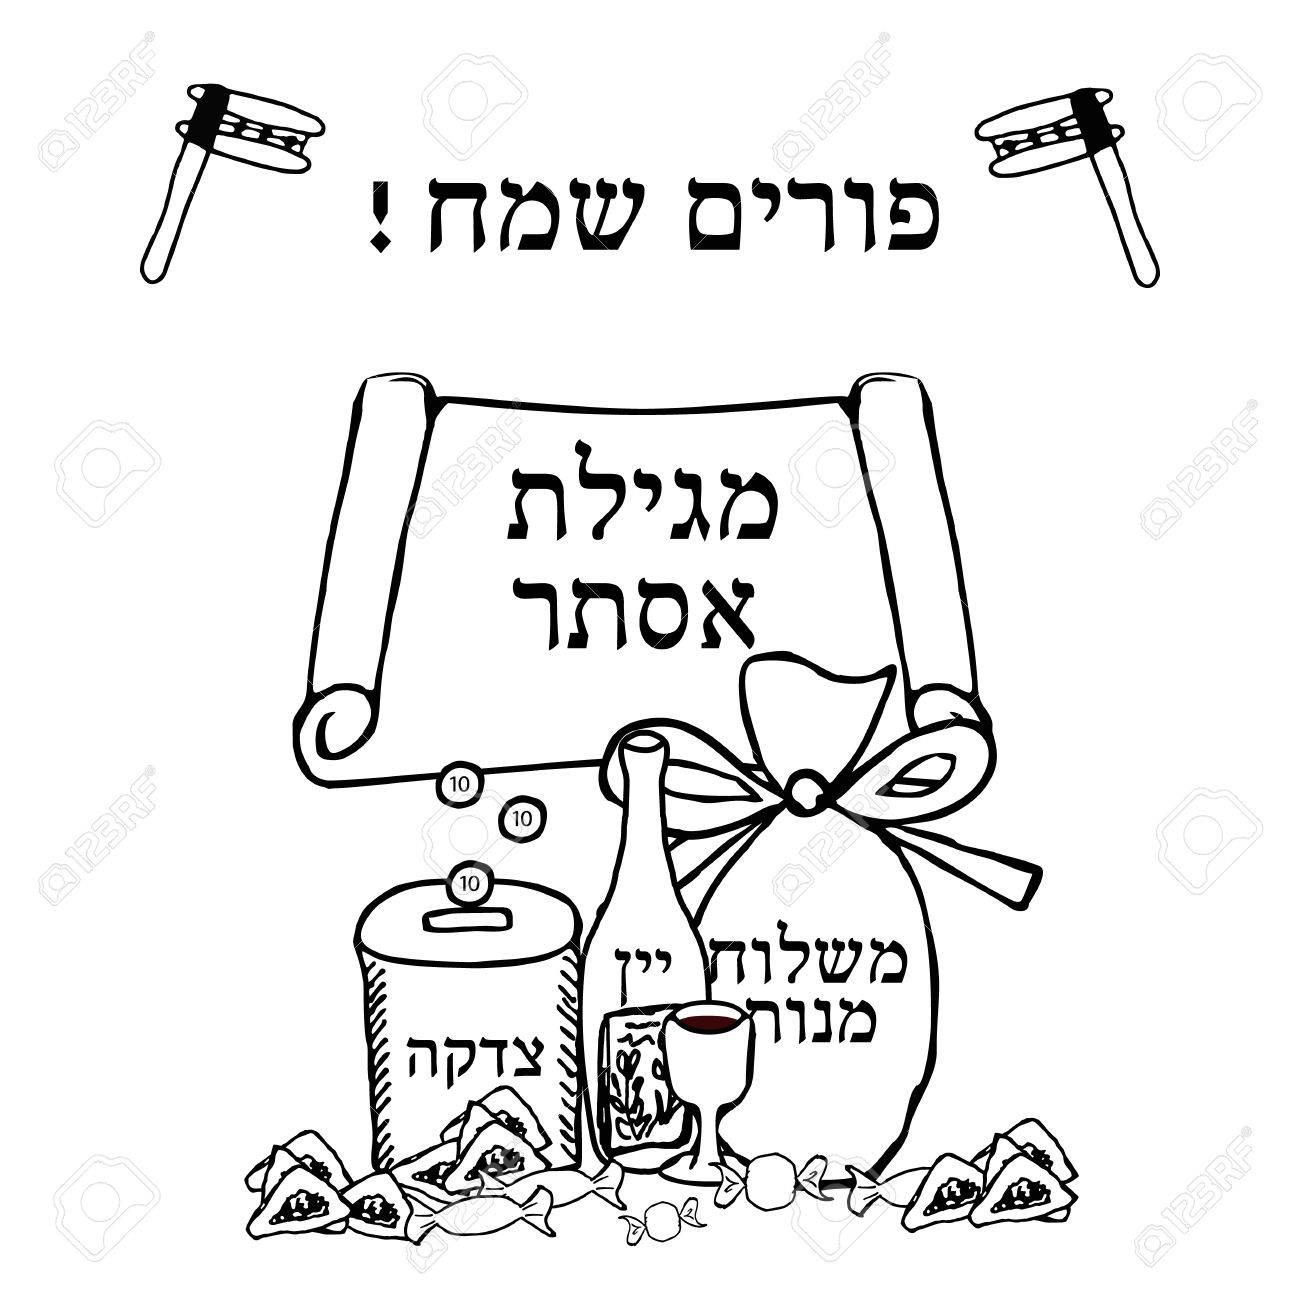 La Inscripción En Hebreo Happy Purim. Elementos Para La Fiesta Judía ...